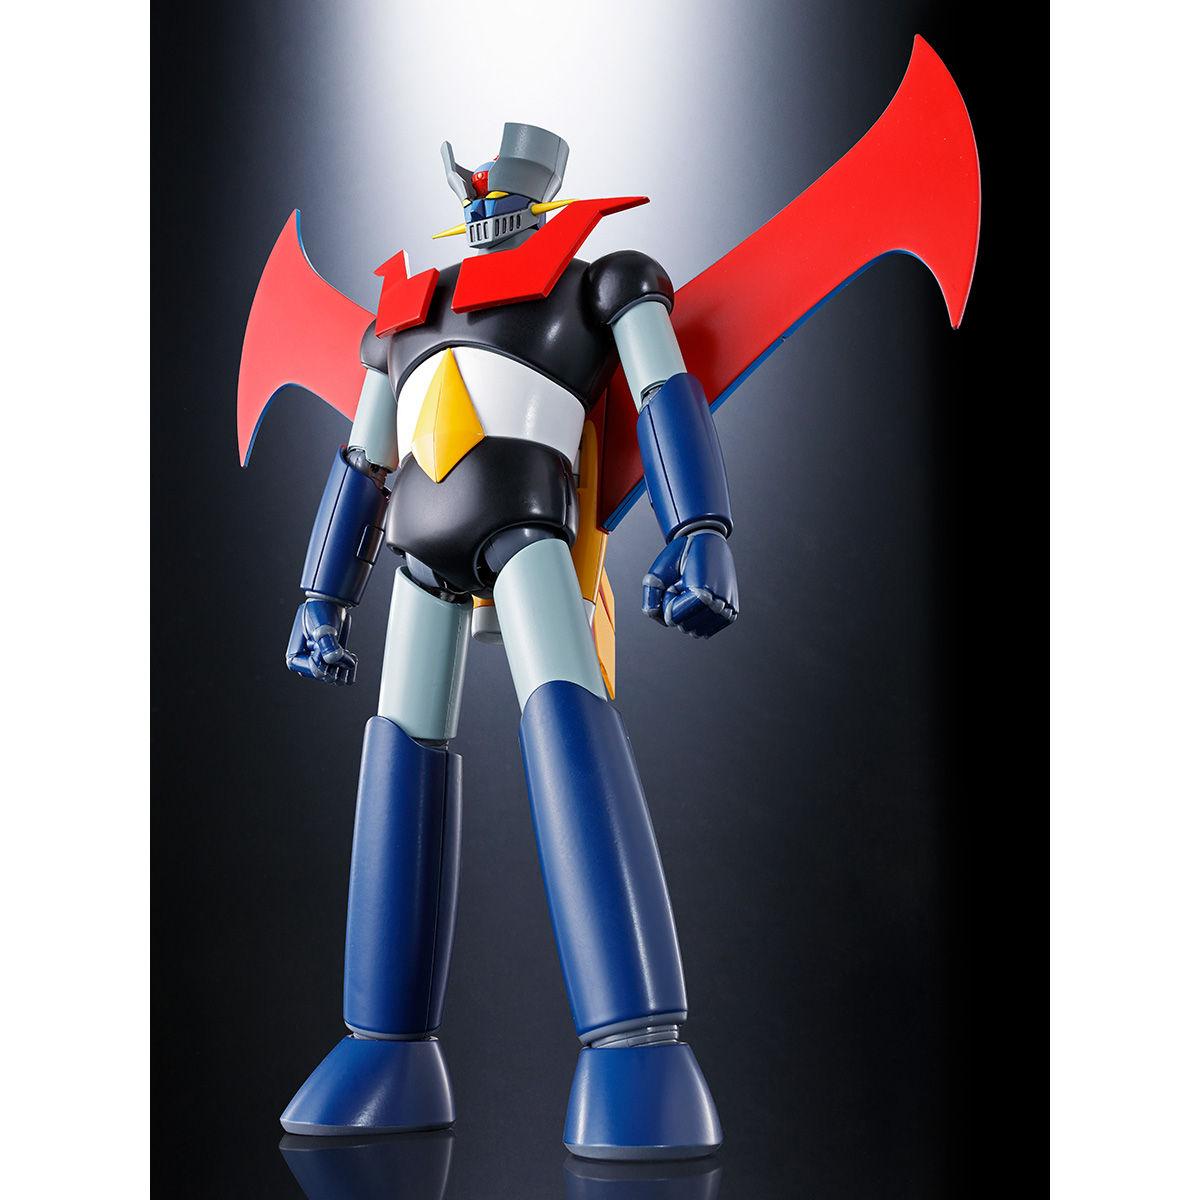 超合金魂 GX-70SP『マジンガーZ D.C. アニメカラーバージョン』可動フィギュア-010